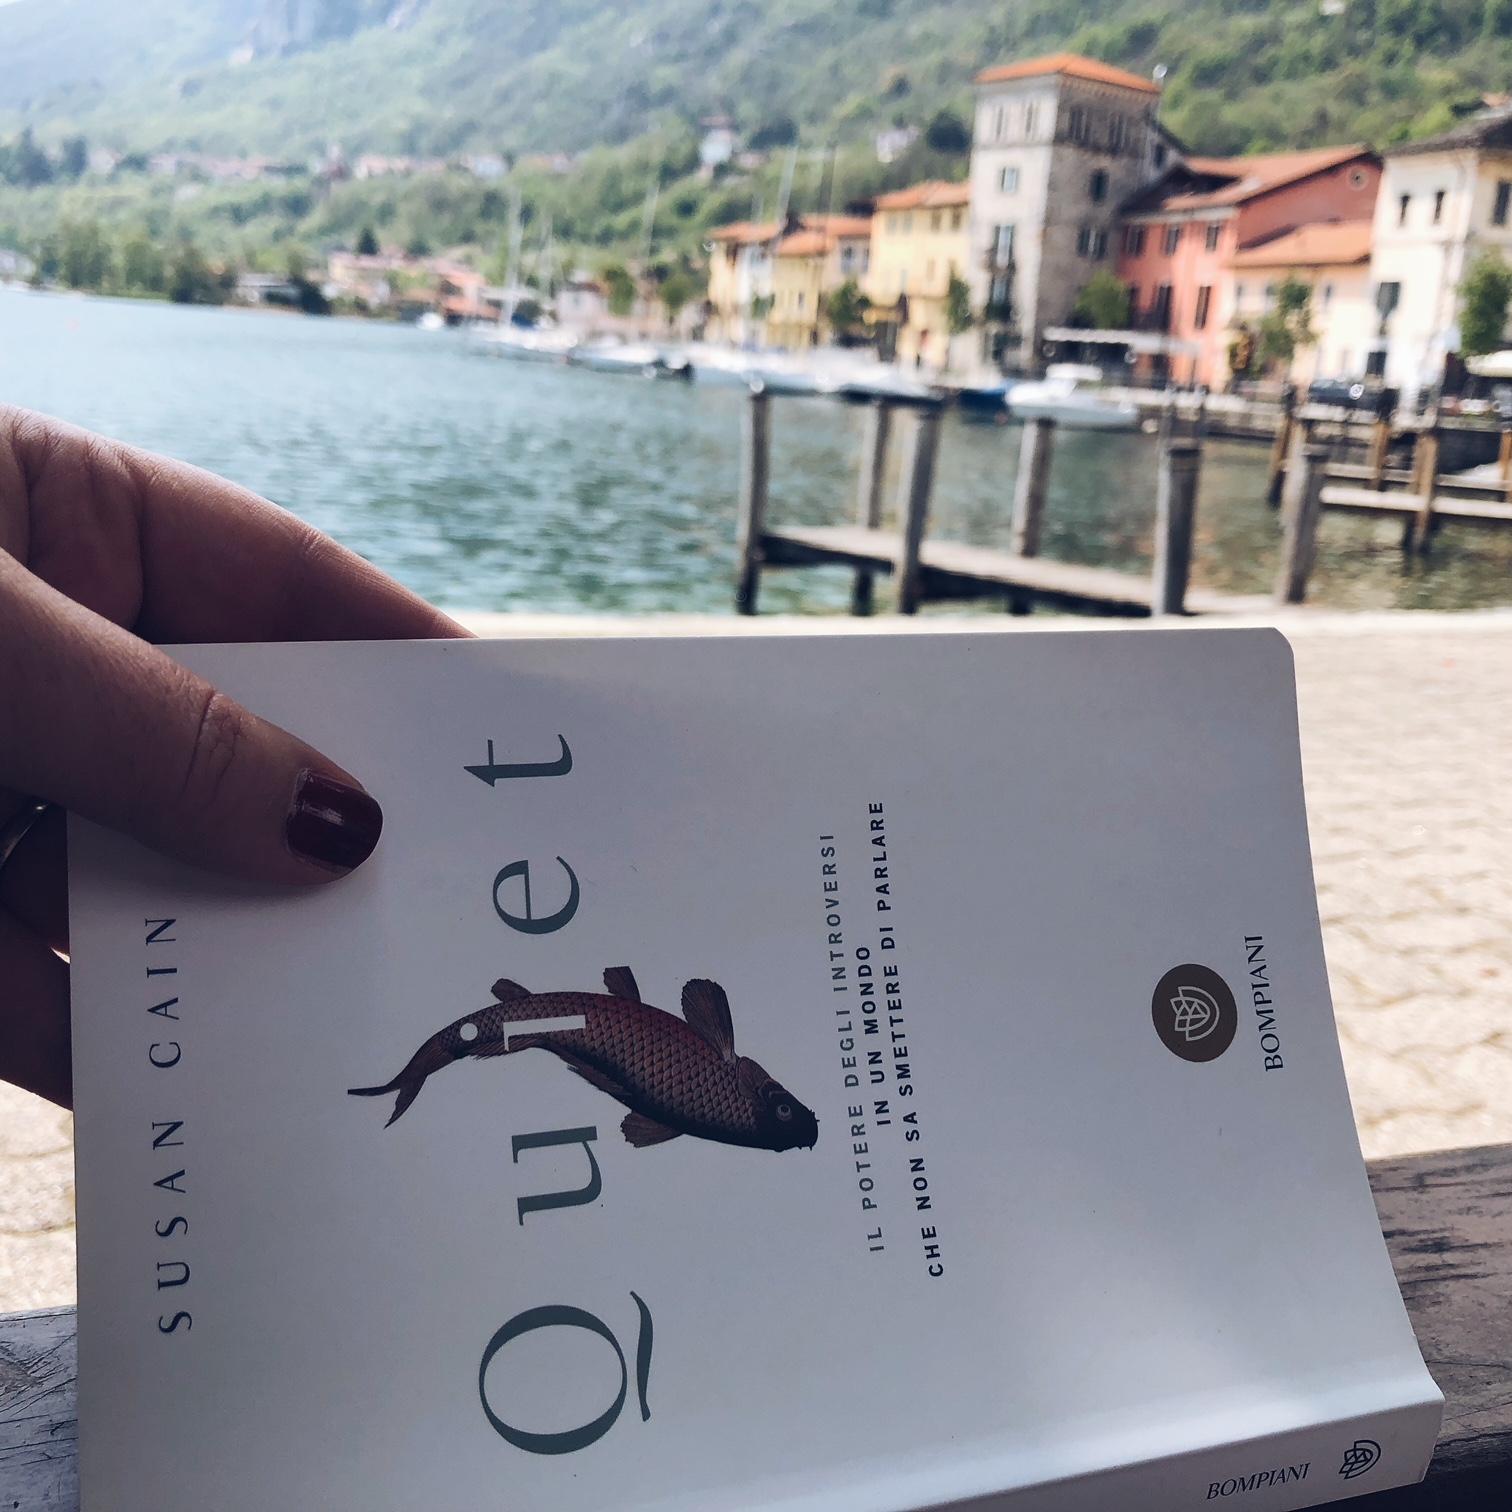 Quiet, un libro sul potere degli introversi e dell'introversione di Susan Cain - foto di tatianaberlaffa.com